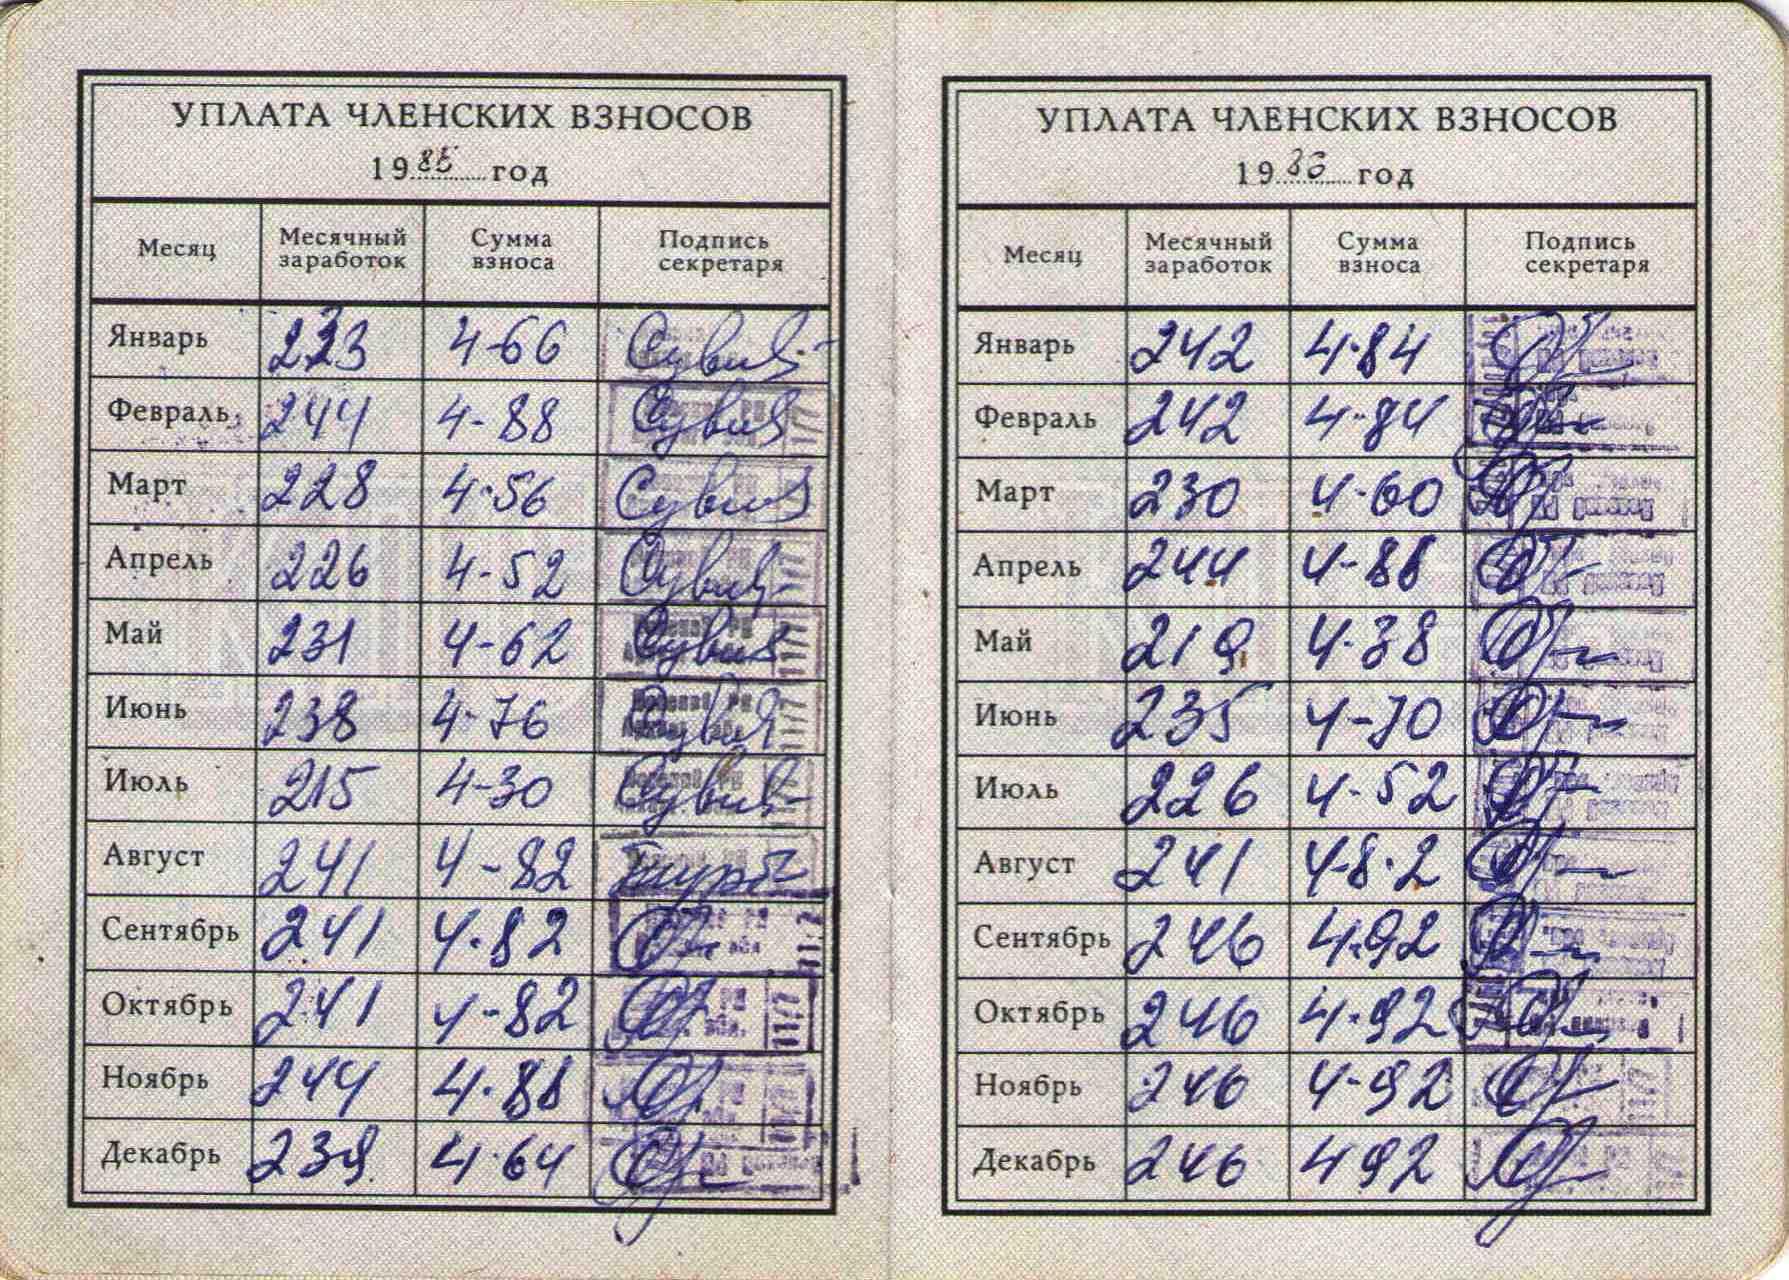 73. Партийный билет Барыкина ПП, 1974